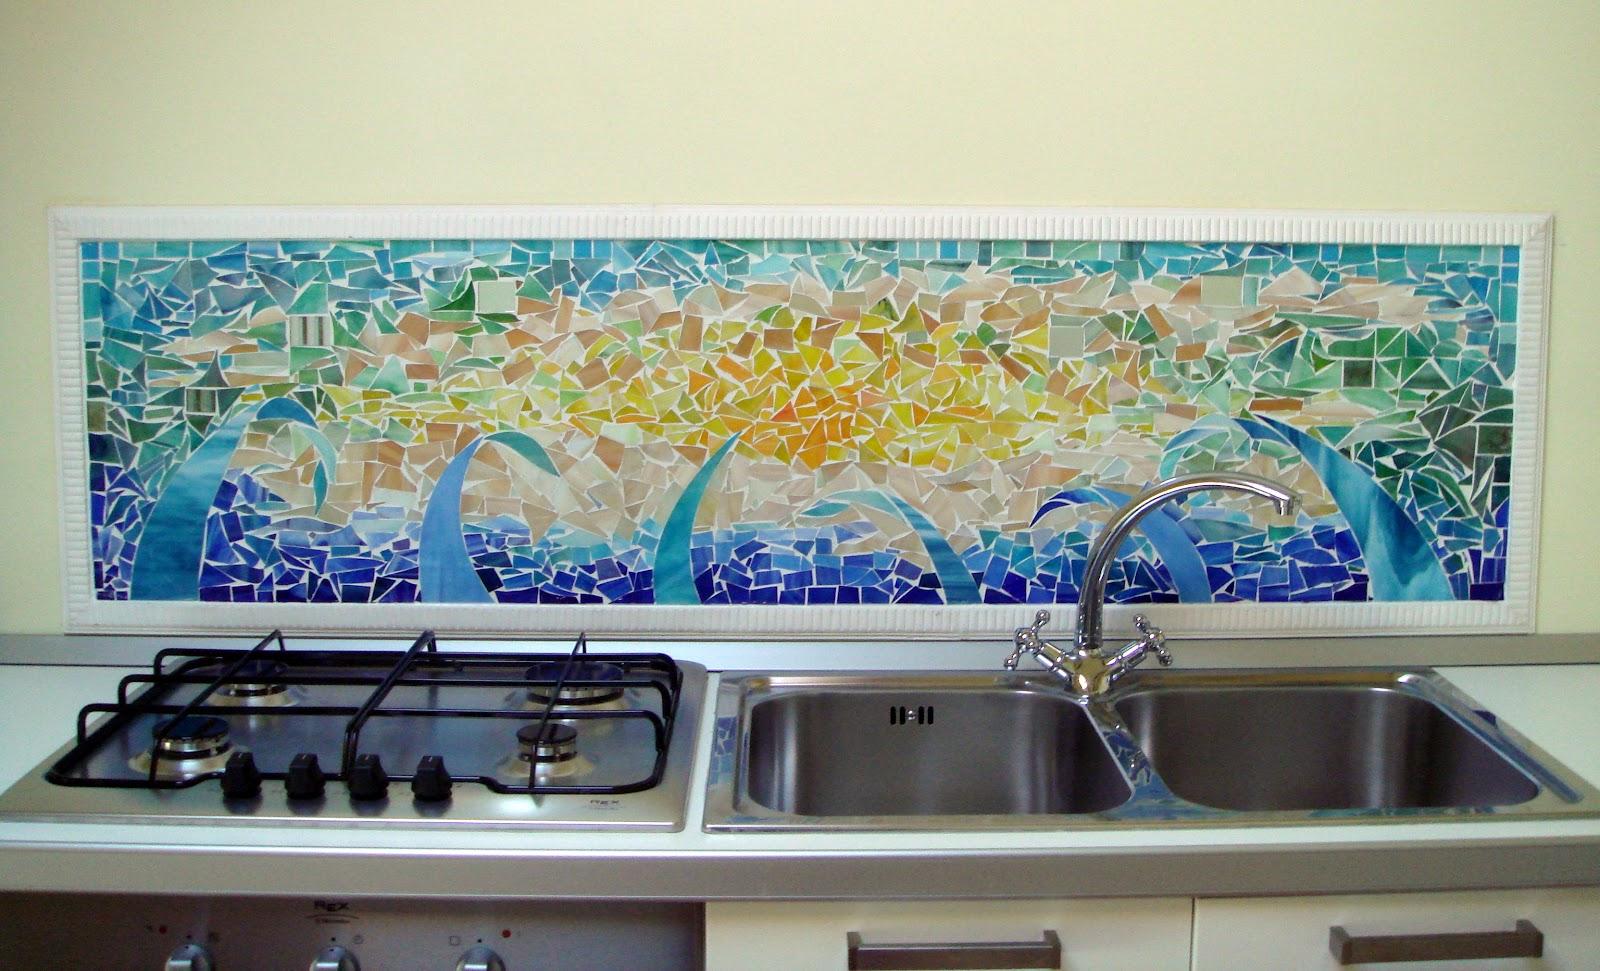 Archi tetti il mosaico di vetro - Mosaico per cucina ...